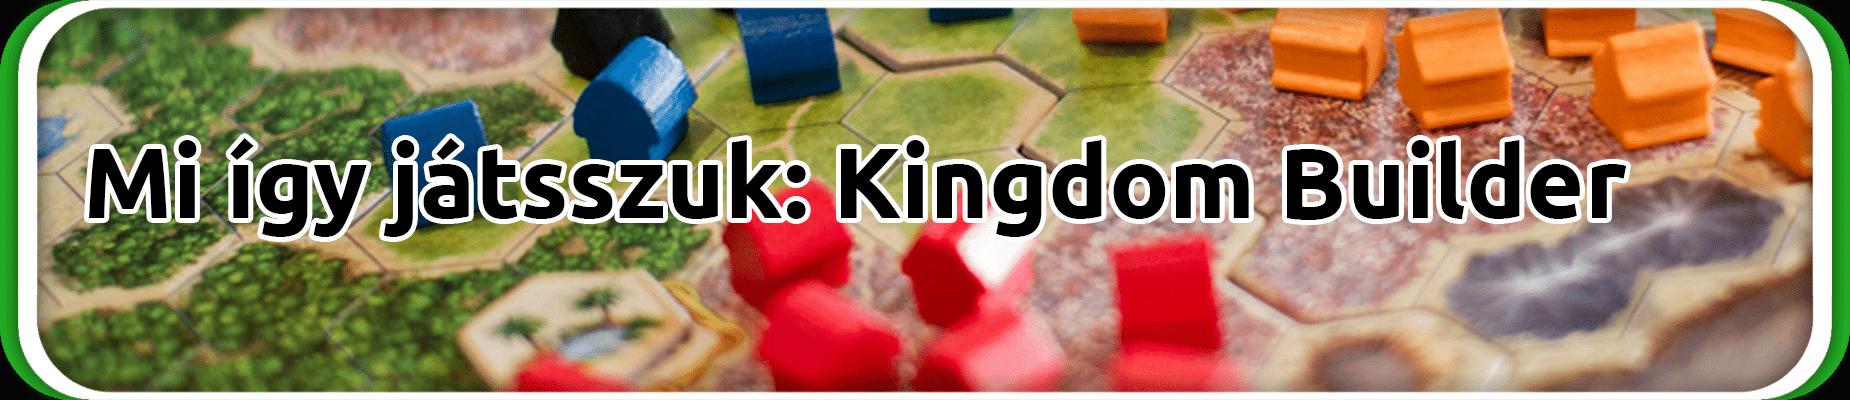 MIJ_Kingdom B